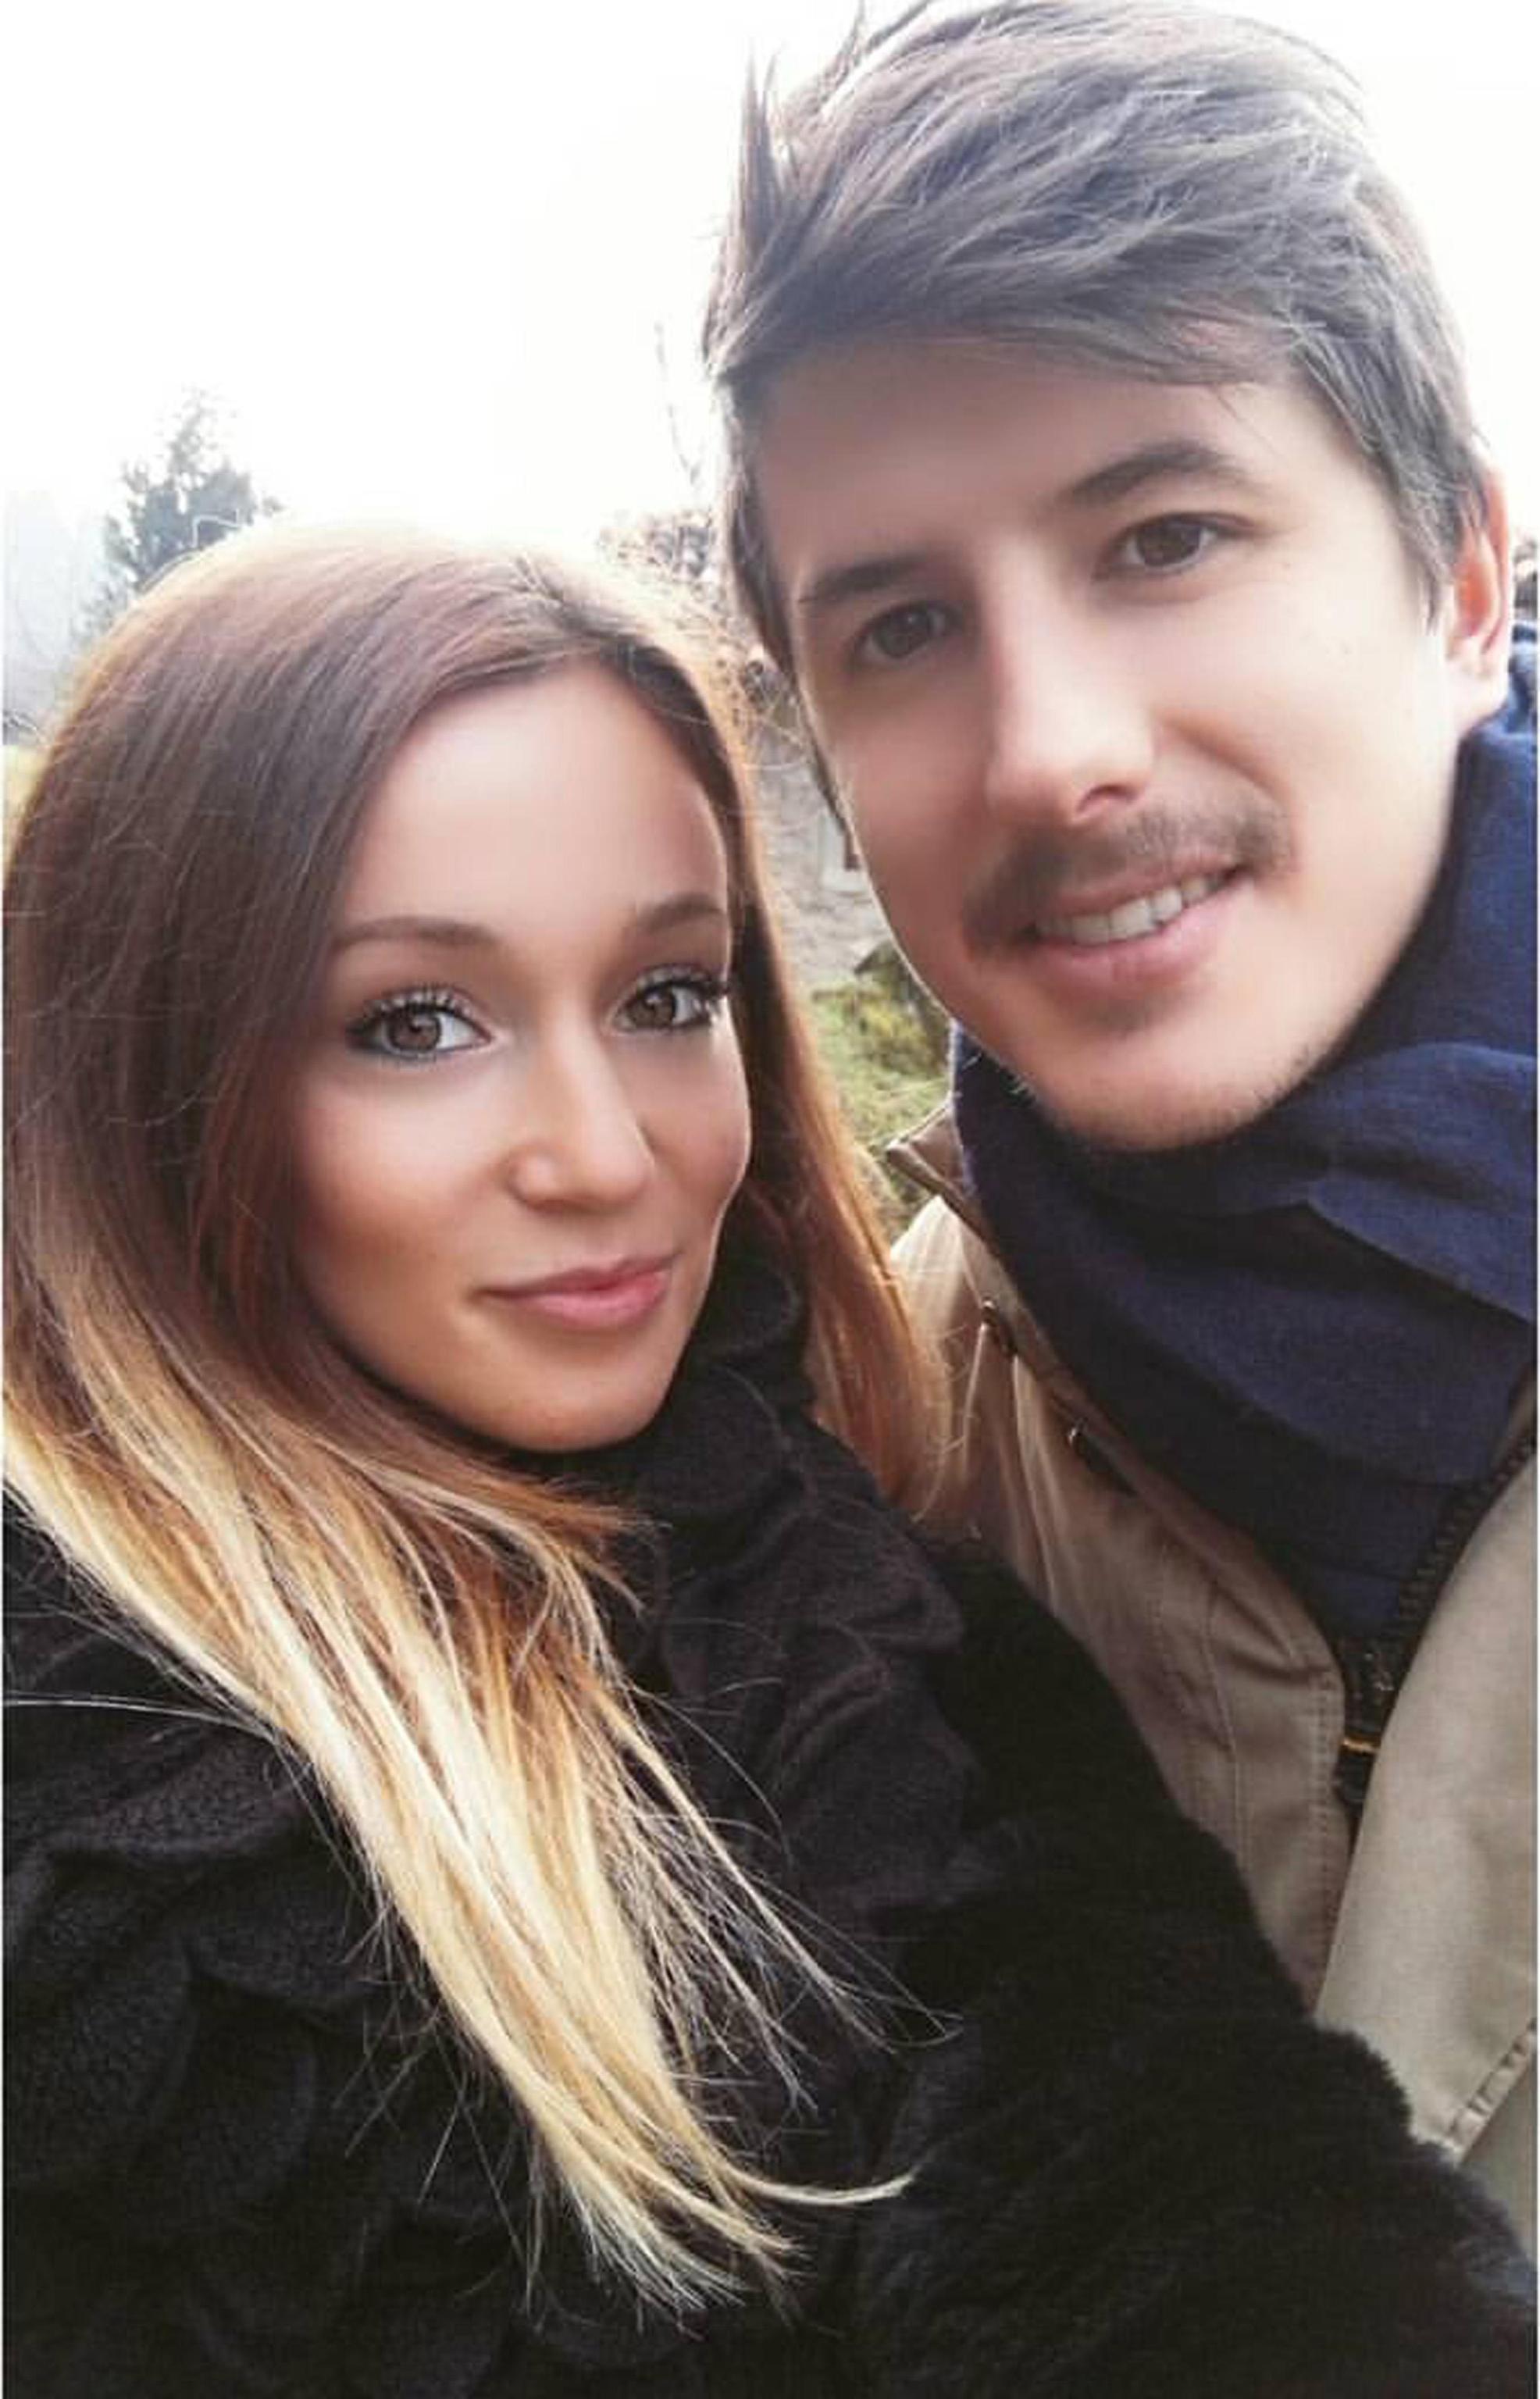 Chi sono Gloria Trevisan e Marco Gottardi, gli italiani dispersi nell'incendio di Londra